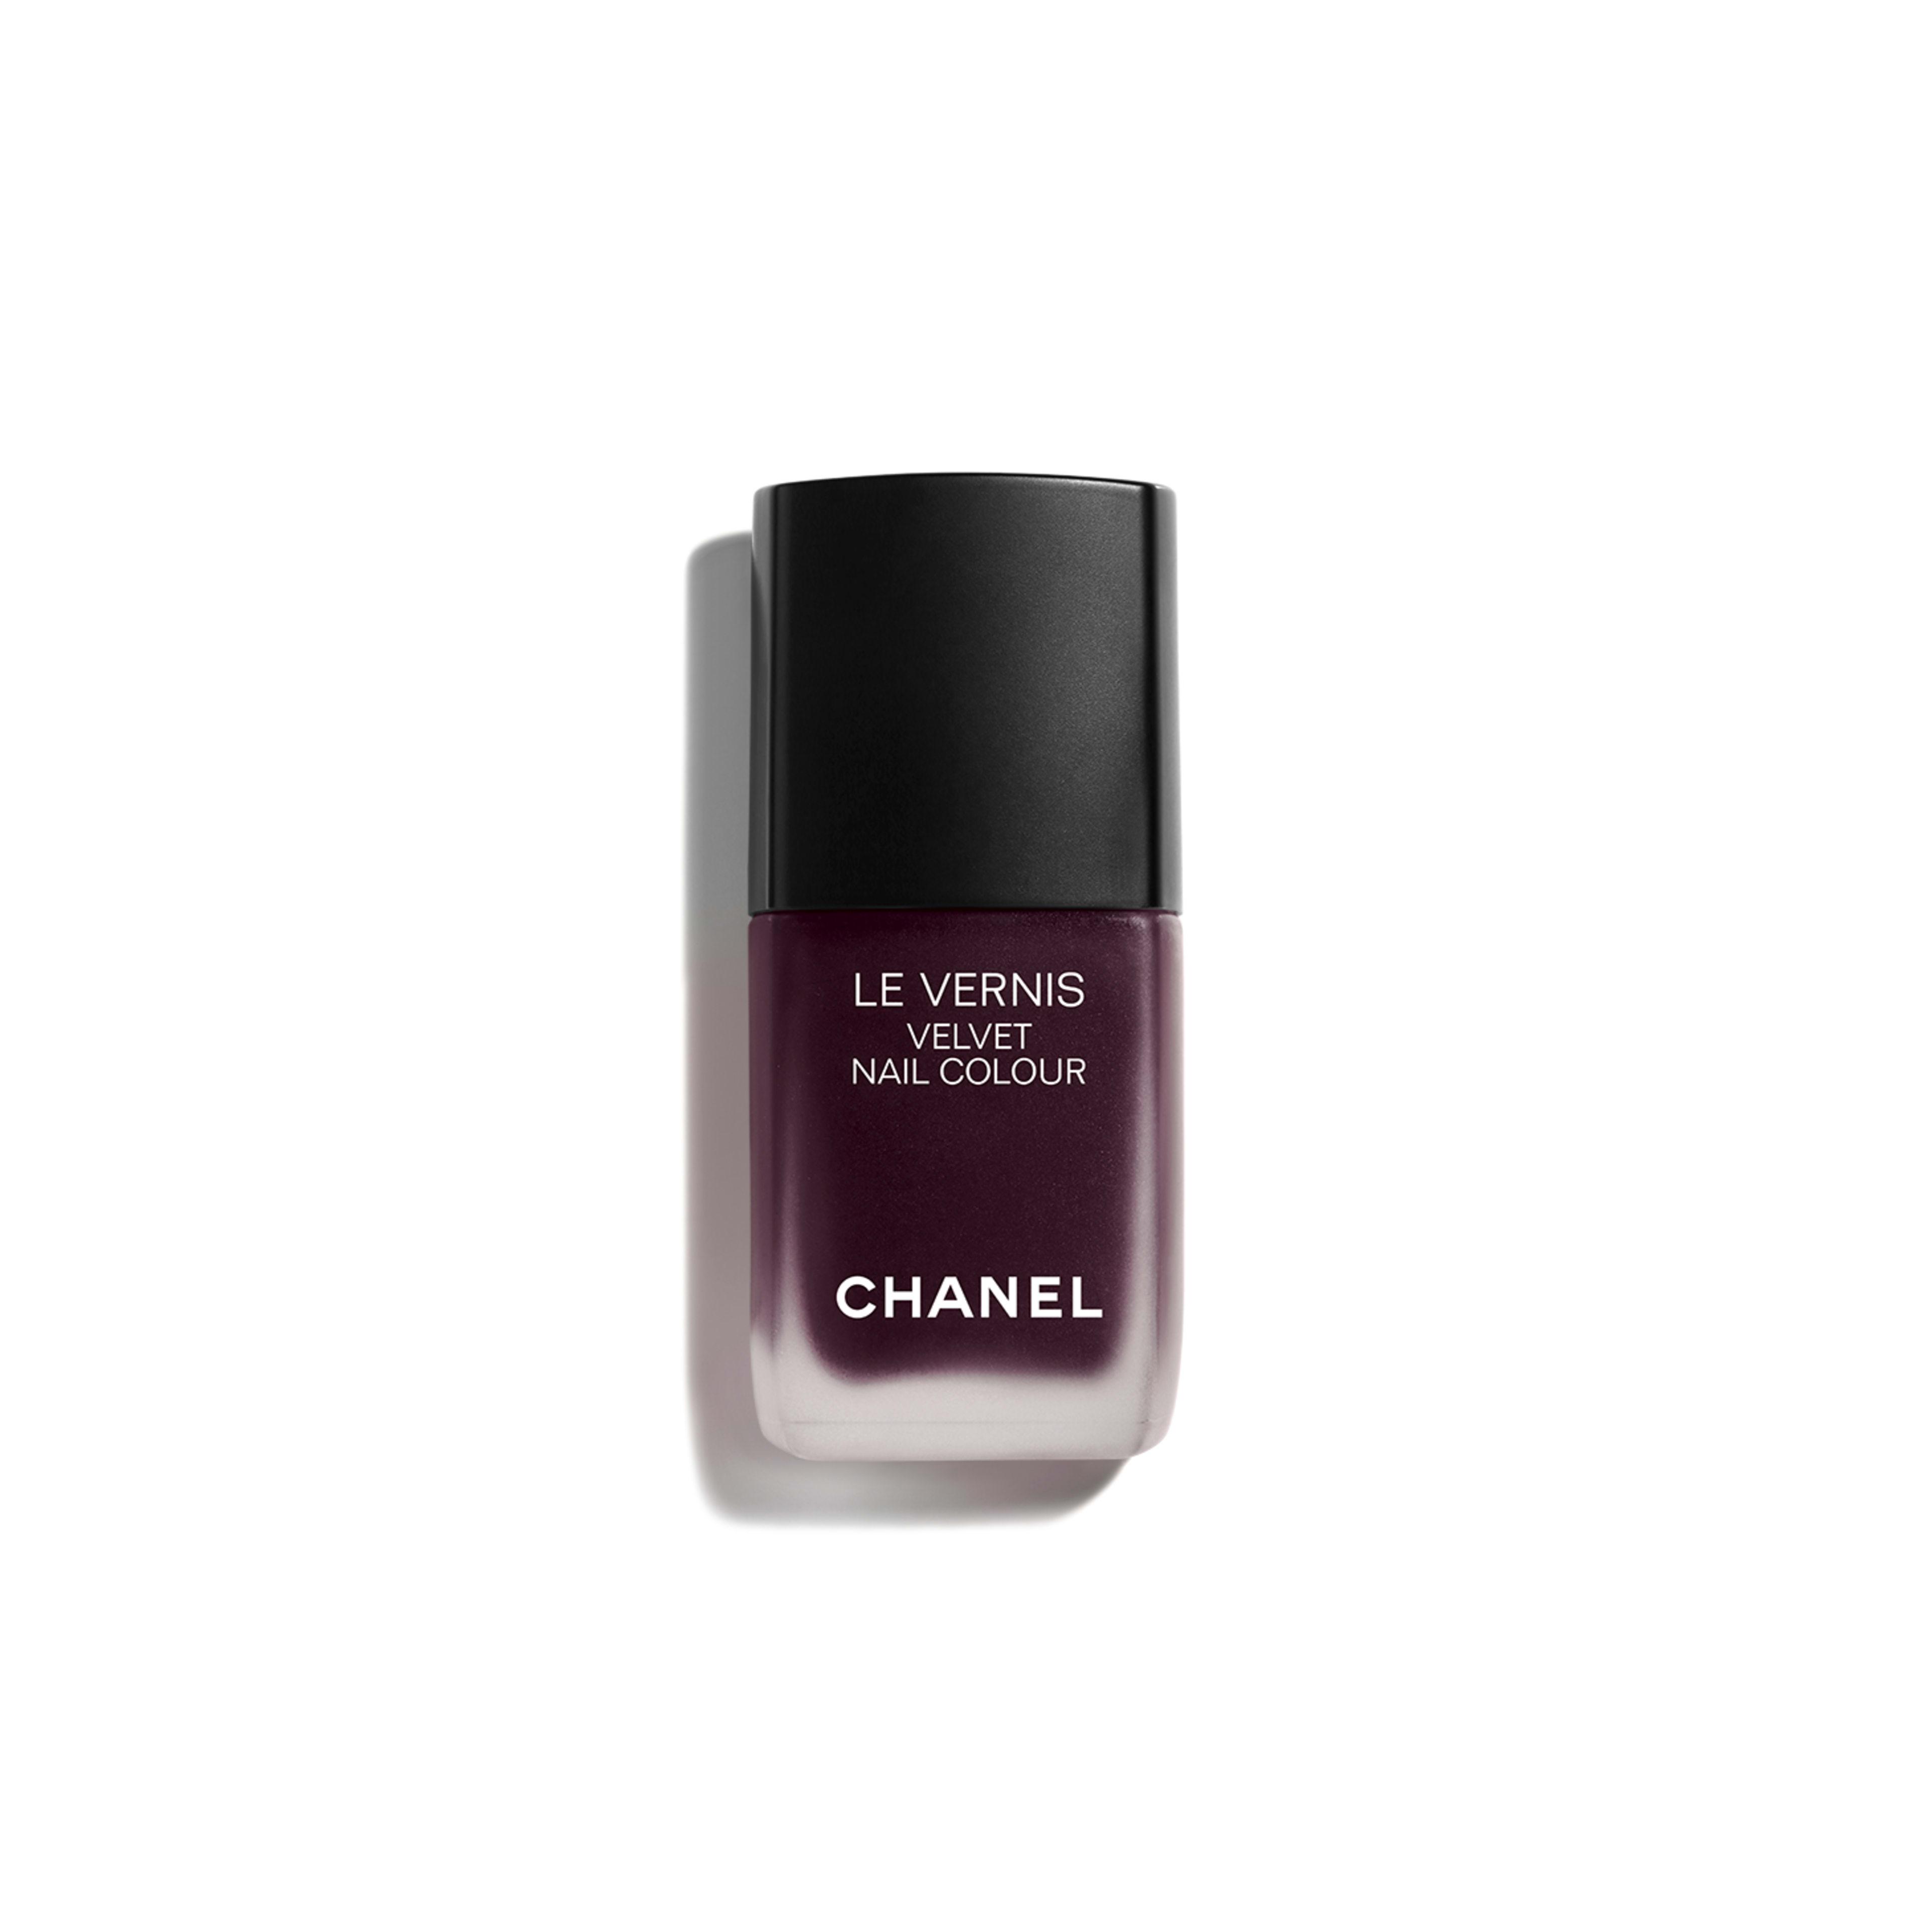 Colour - Makeup | CHANEL